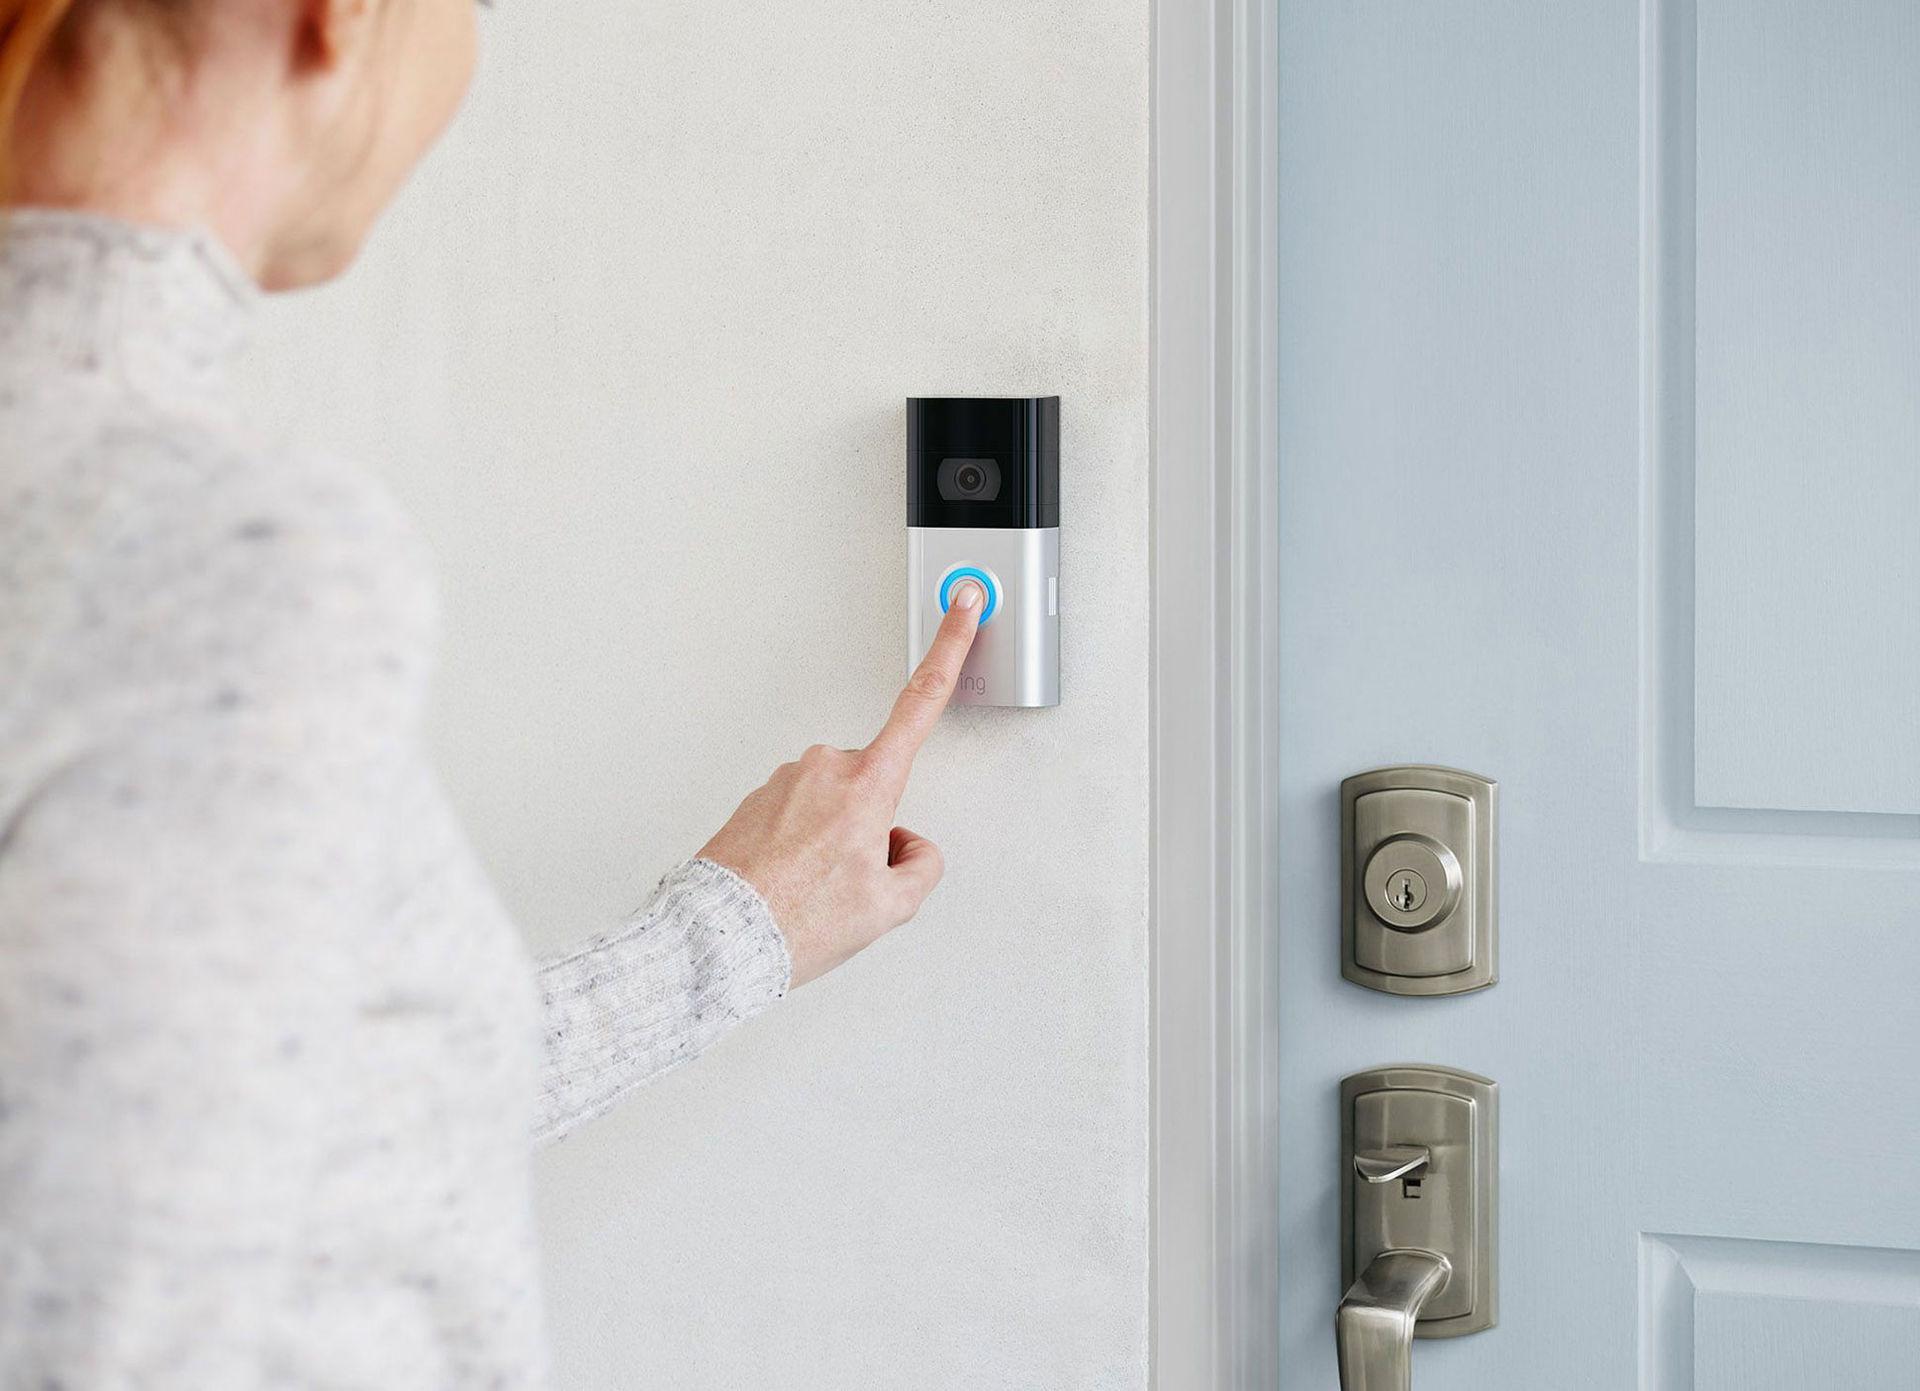 Ring lanserar uppdaterade videodörrklockor